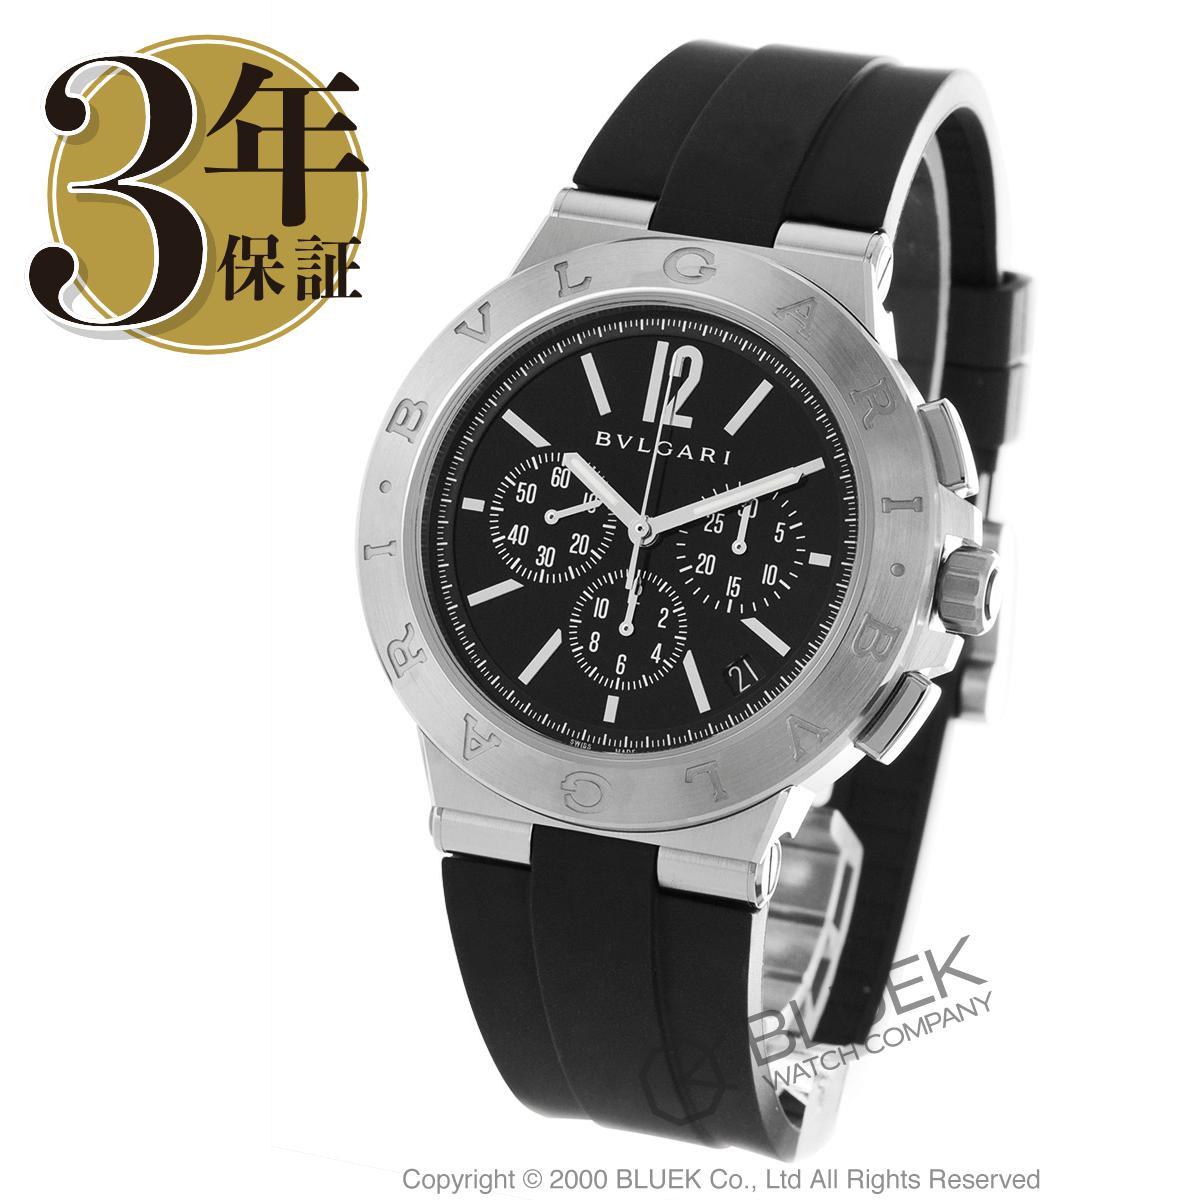 ブルガリ ディアゴノ ヴェロチッシモ クロノグラフ 腕時計 メンズ BVLGARI DG41BSVDCH-SET-BLK_3